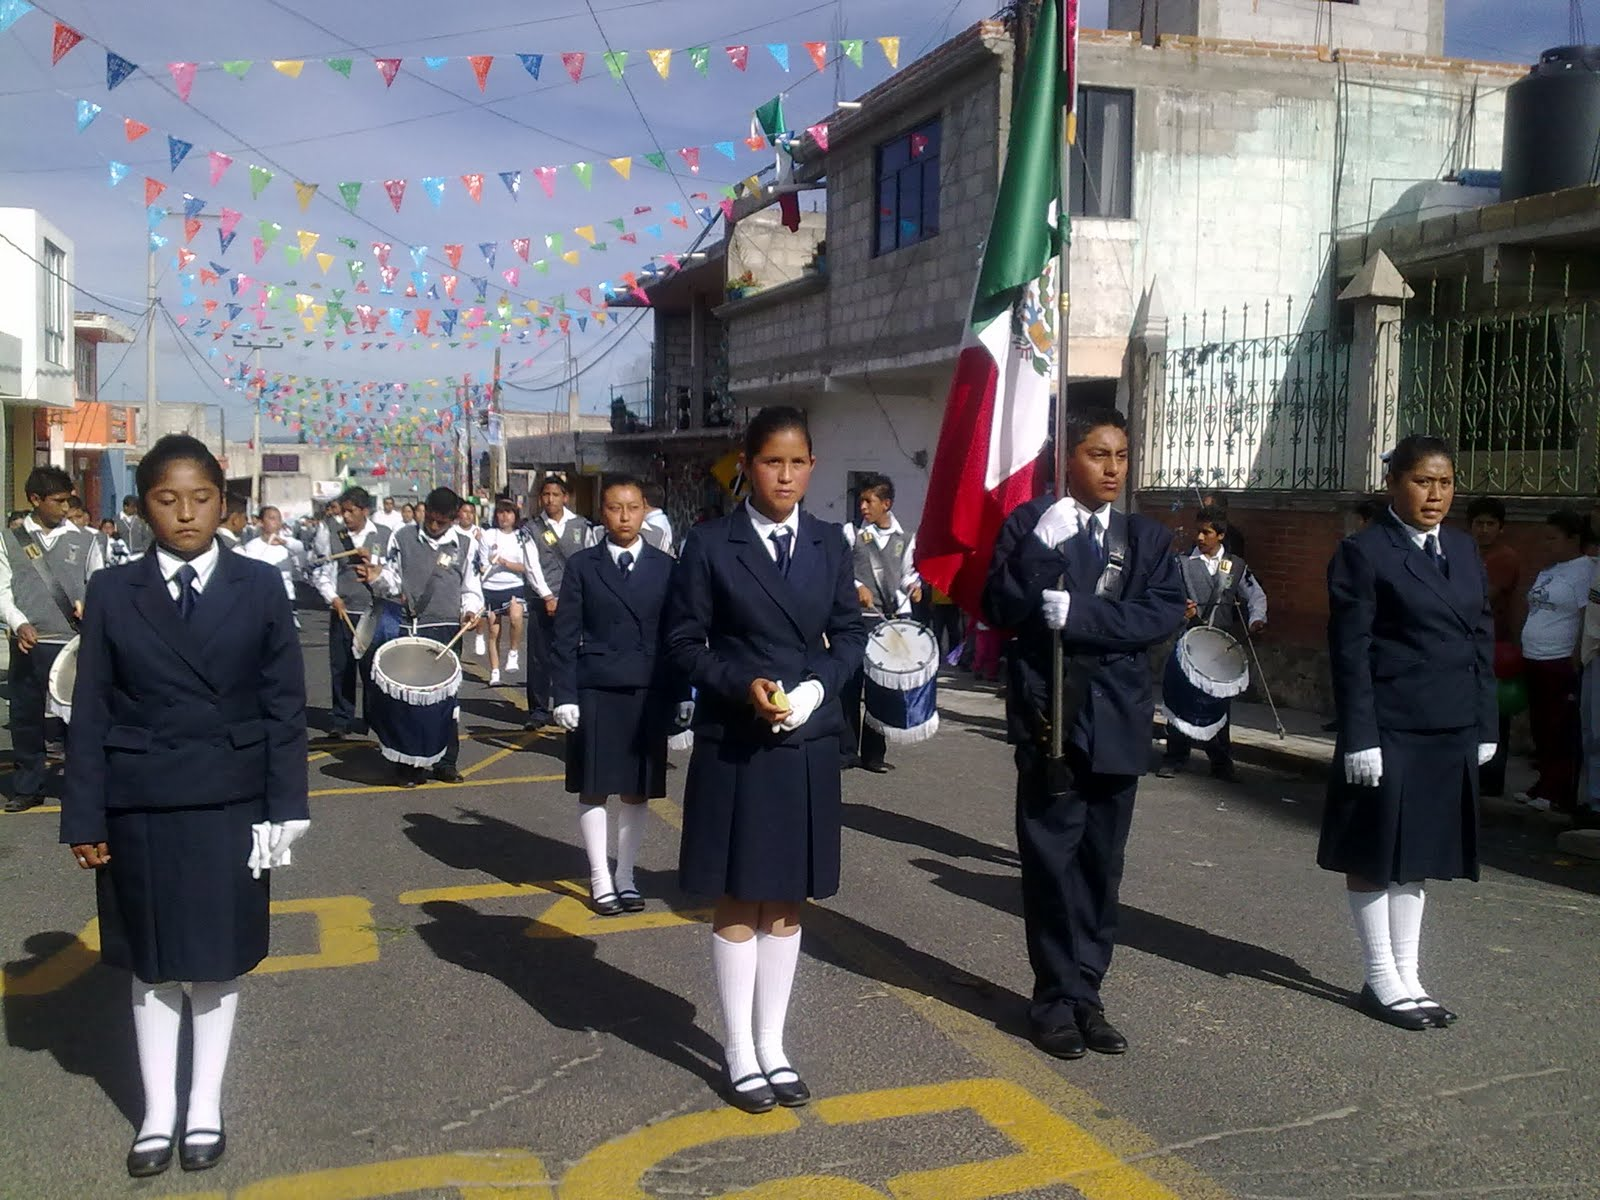 Uniforme Para Escoltas De Preescolar   newhairstylesformen2014.com